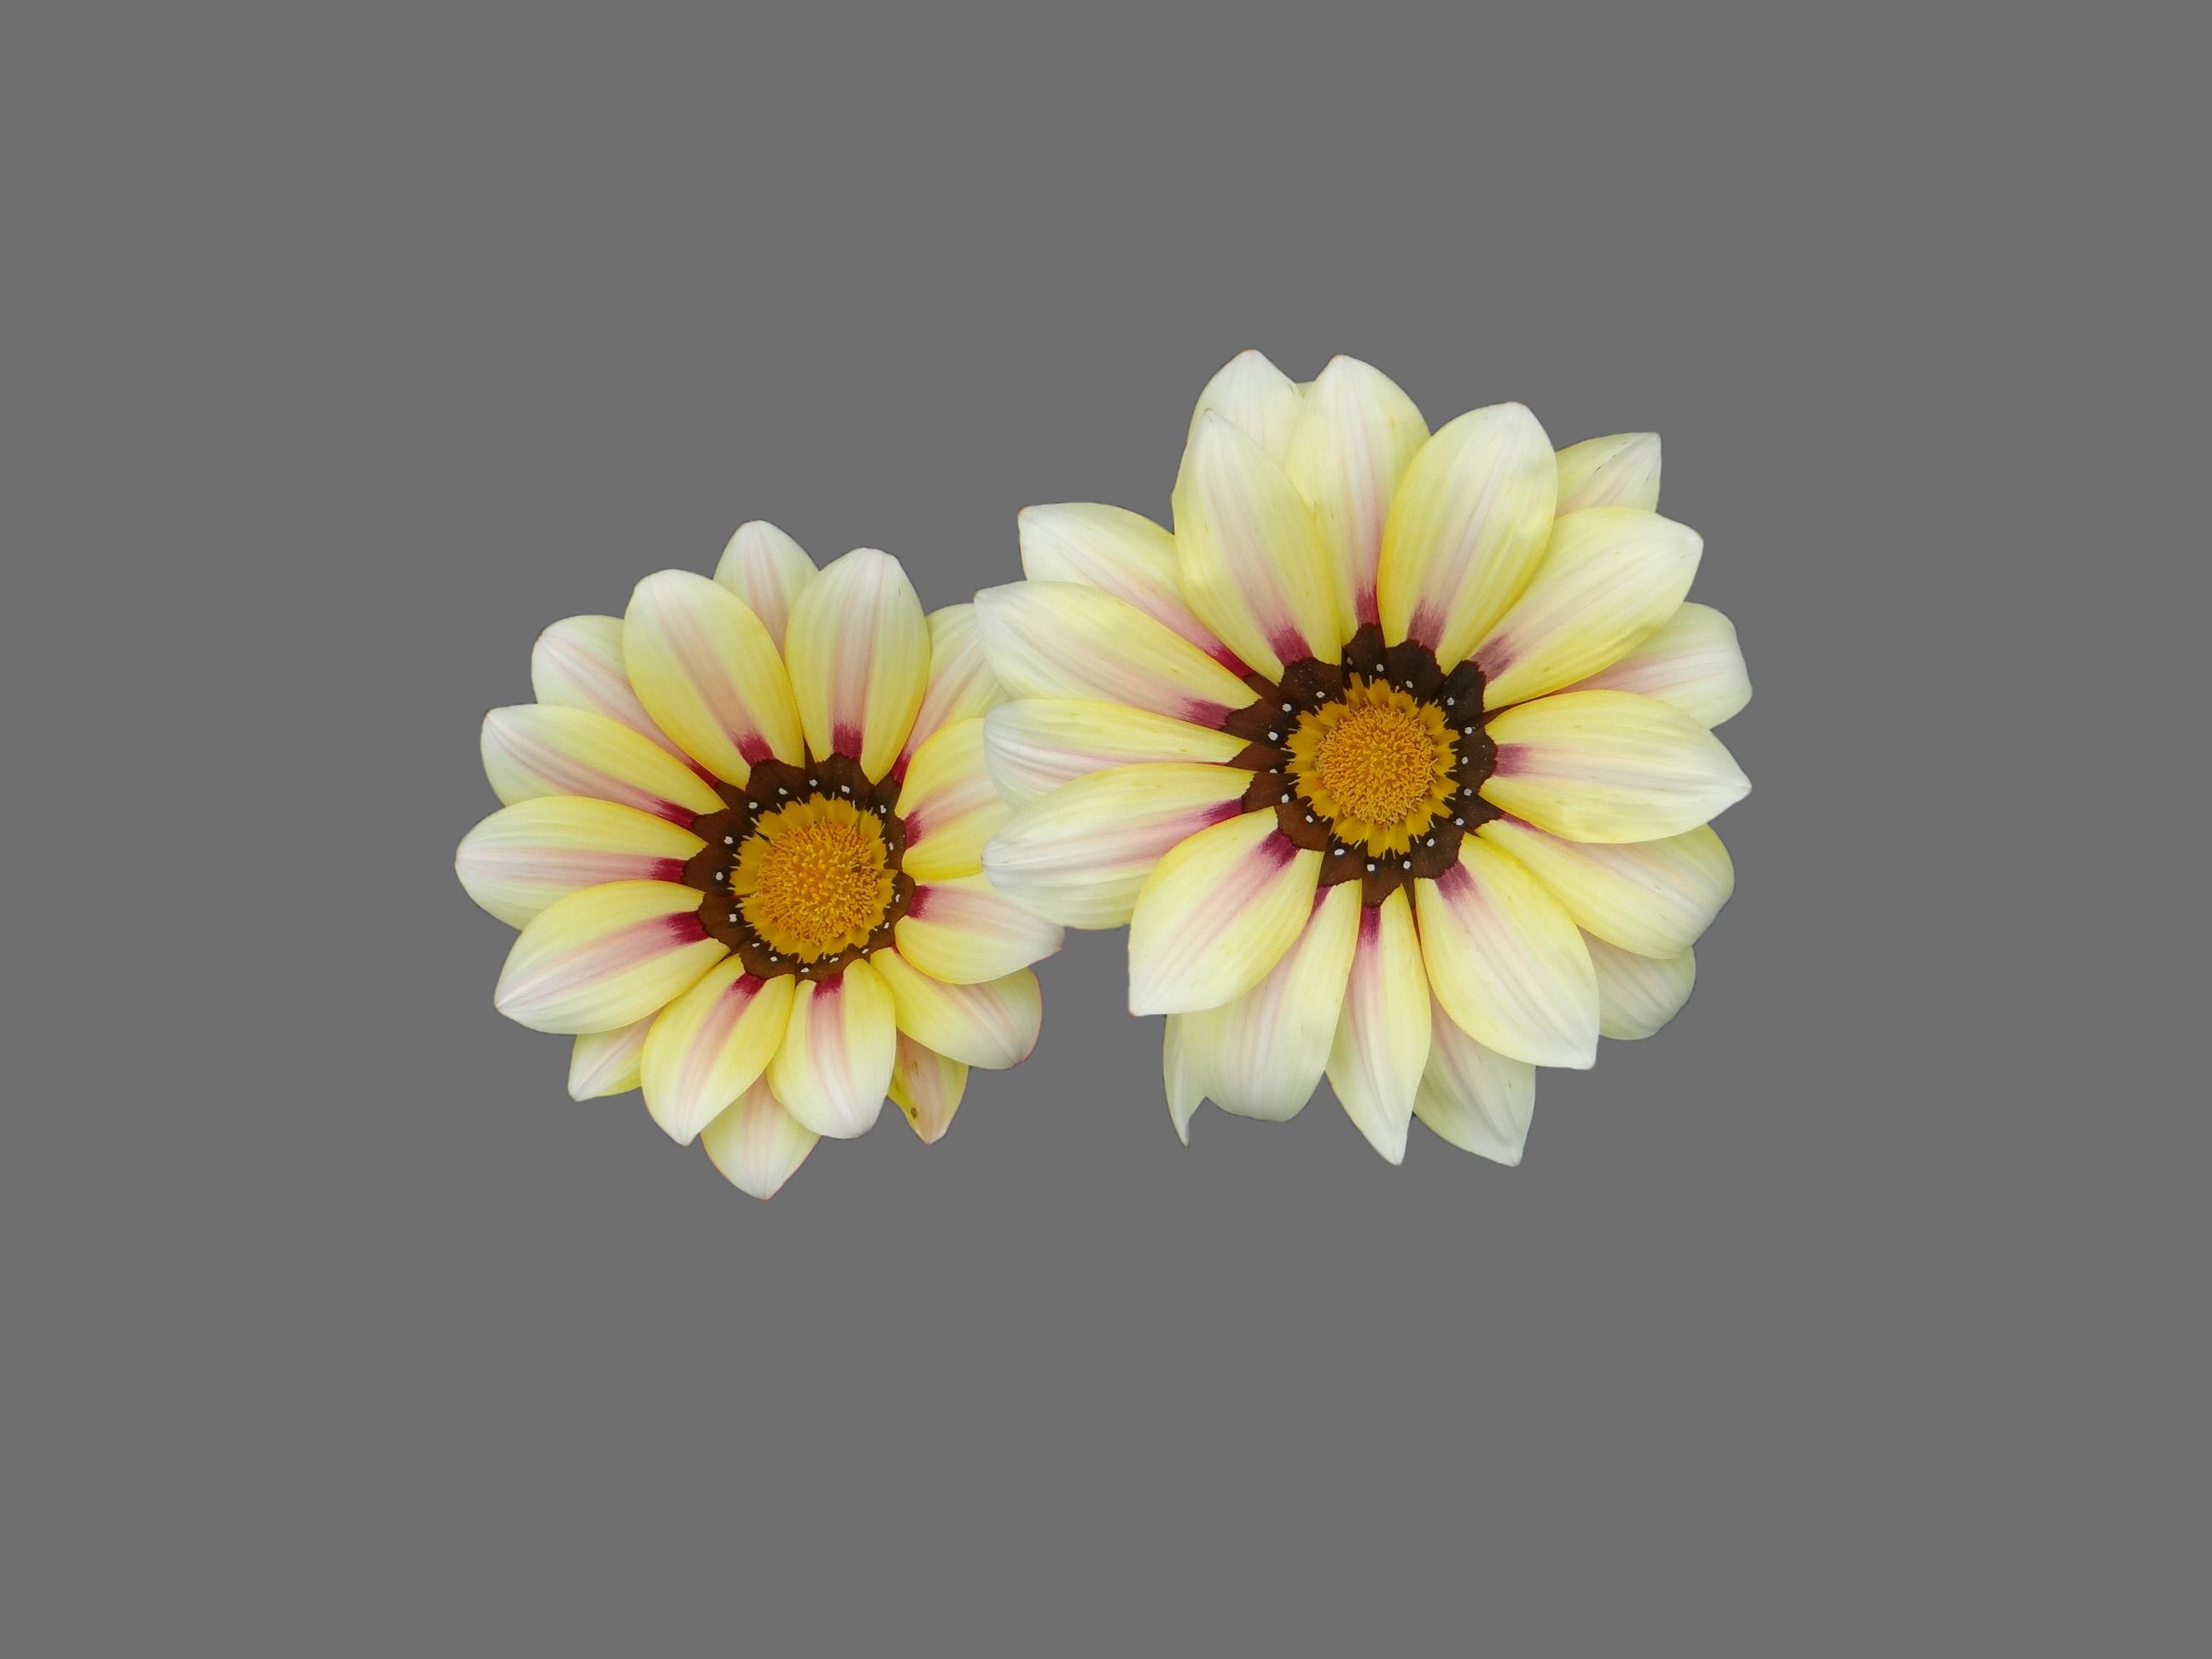 White flower, Flower, Nature, White, HQ Photo